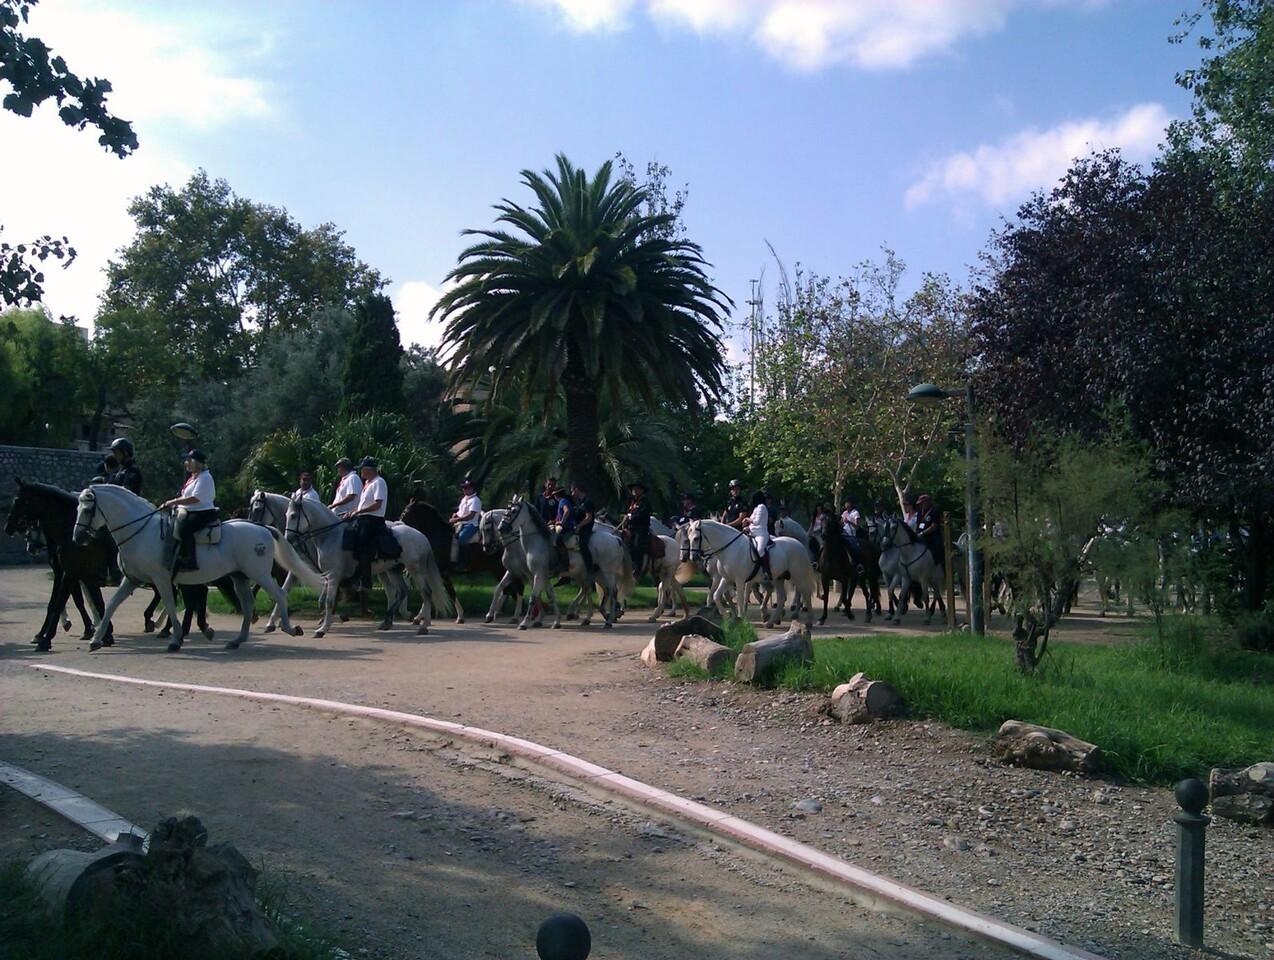 El grupo de jinetes realiza el paseo por el Jardín del Turia/FDM